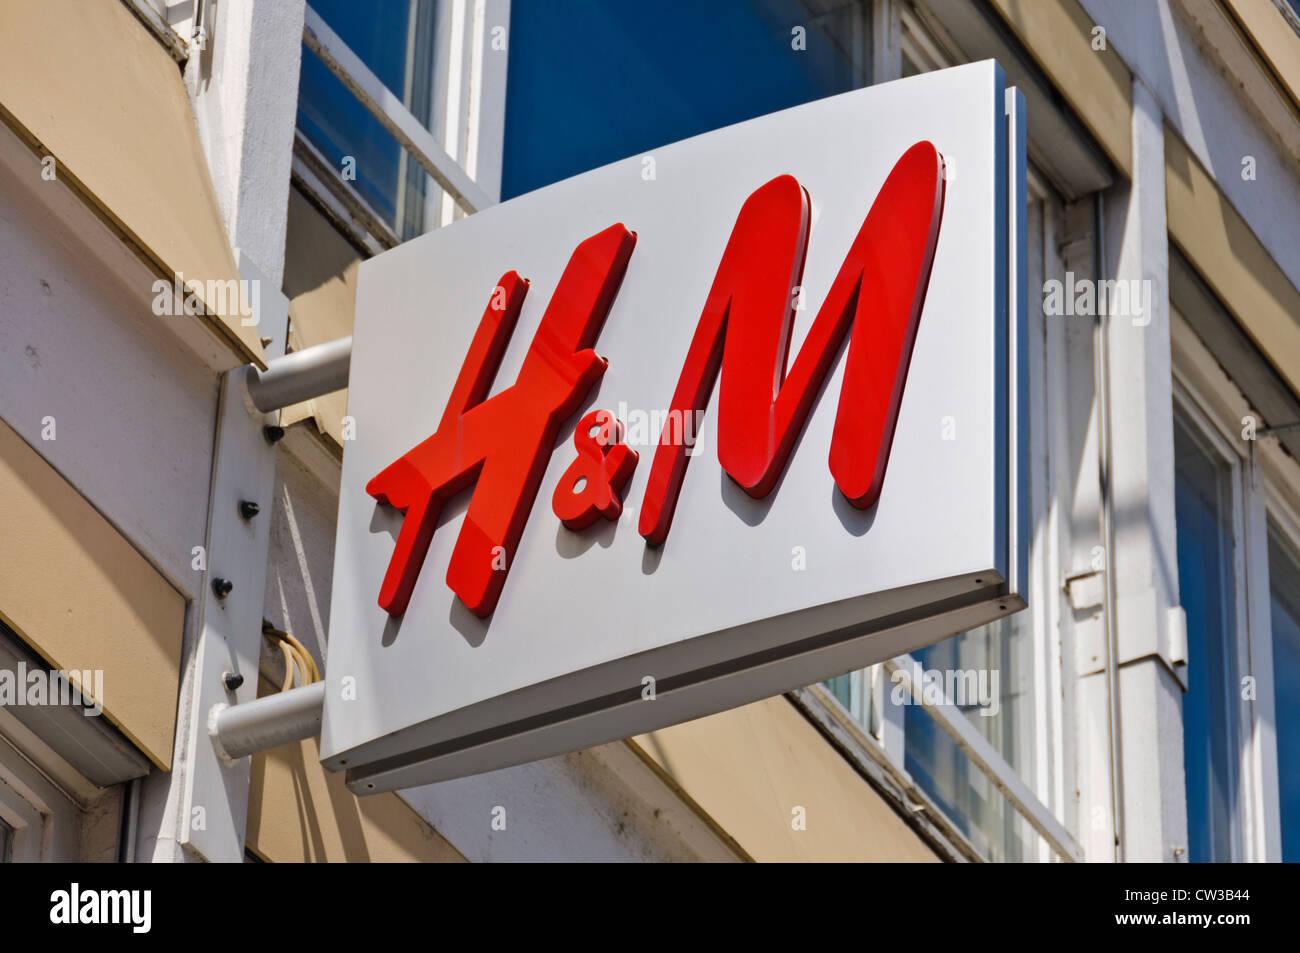 Moda Abbigliamento E Mauritz Gli M Per Fast Hamp; Hennes Ab Uomini 8mNvyn0wO